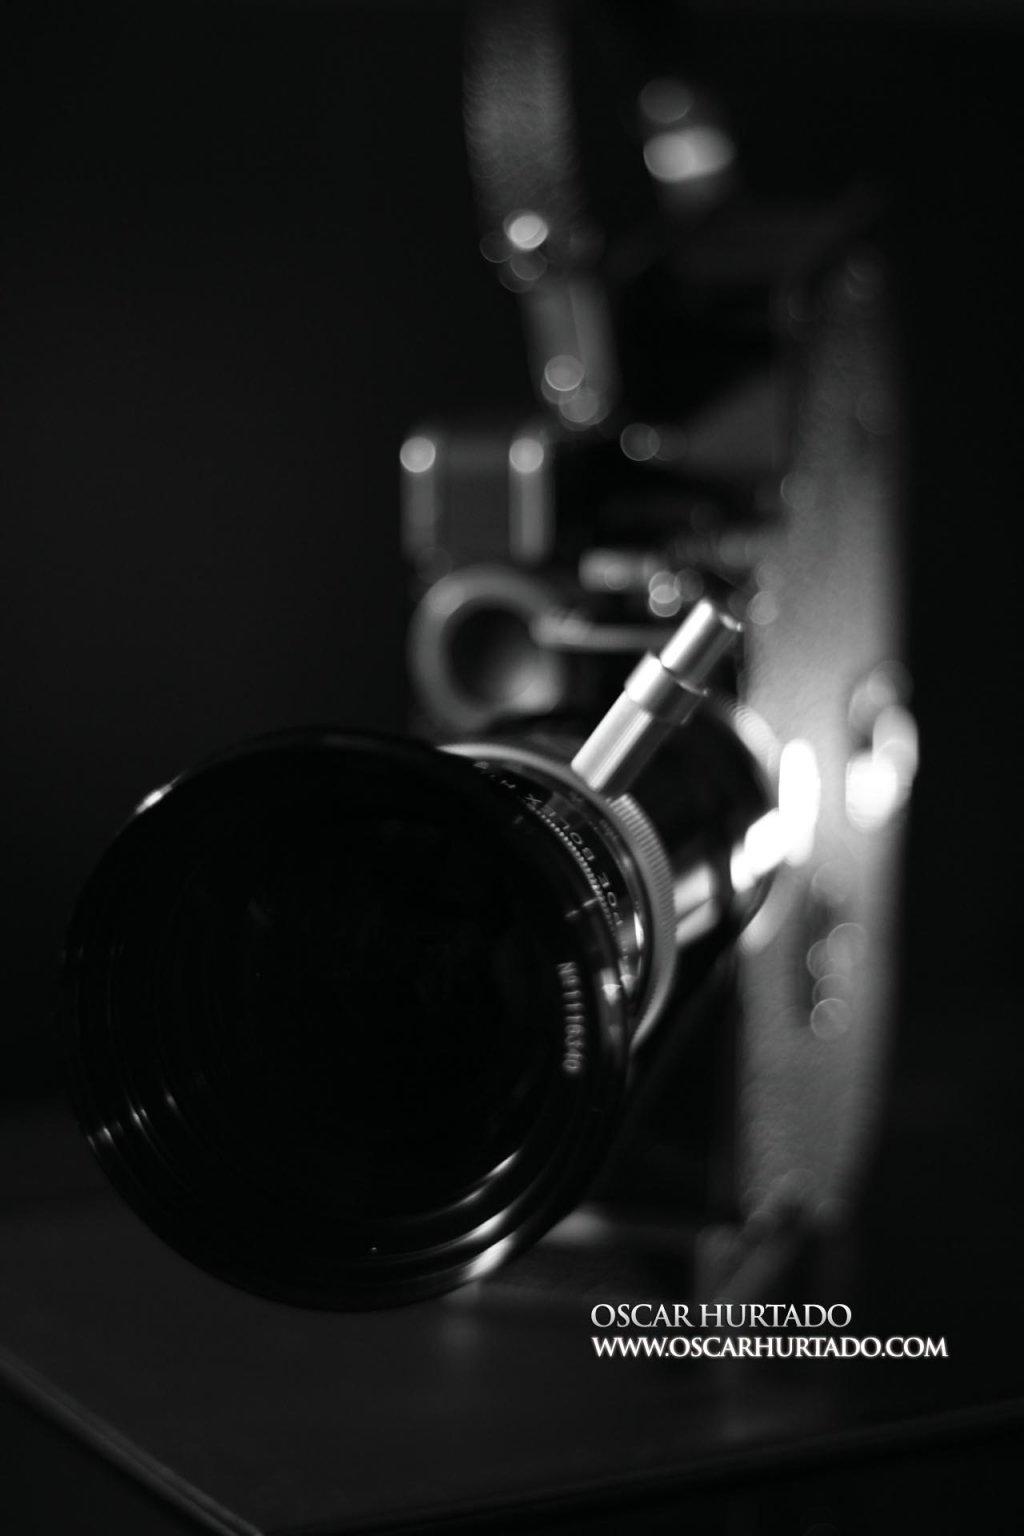 Frontal view of the Bolex Paillard Rex5 16mm camera